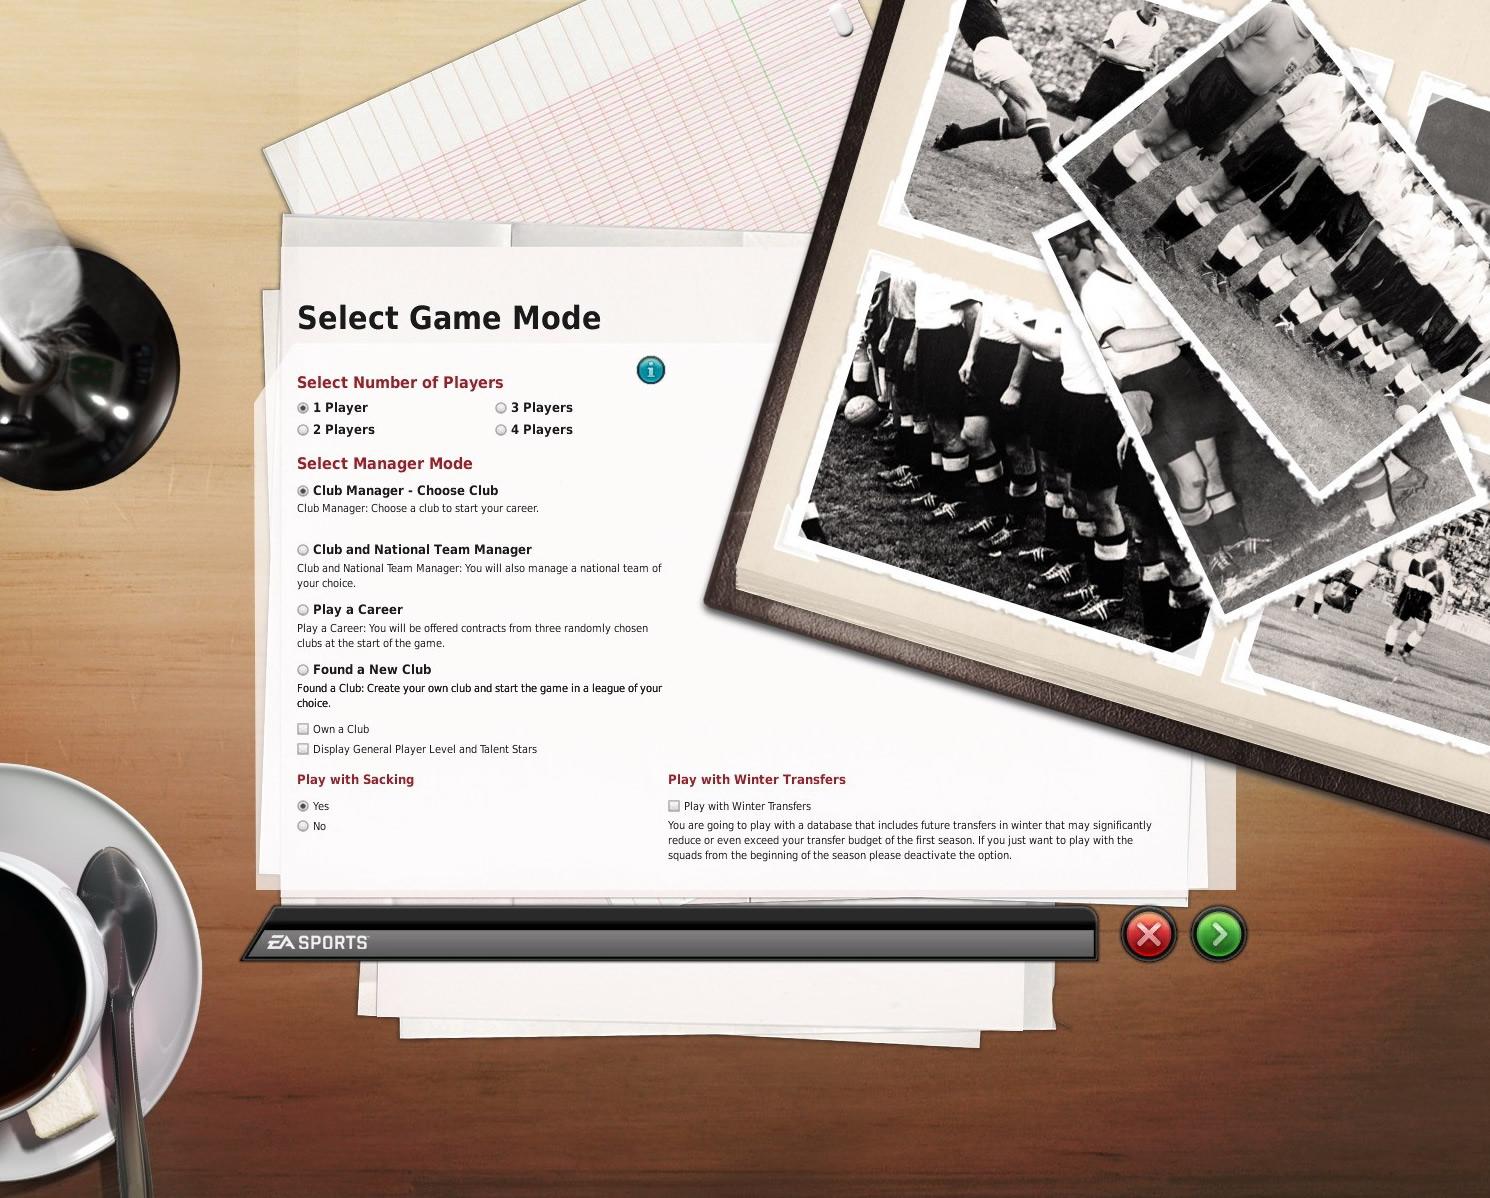 ゲームモード選択画面